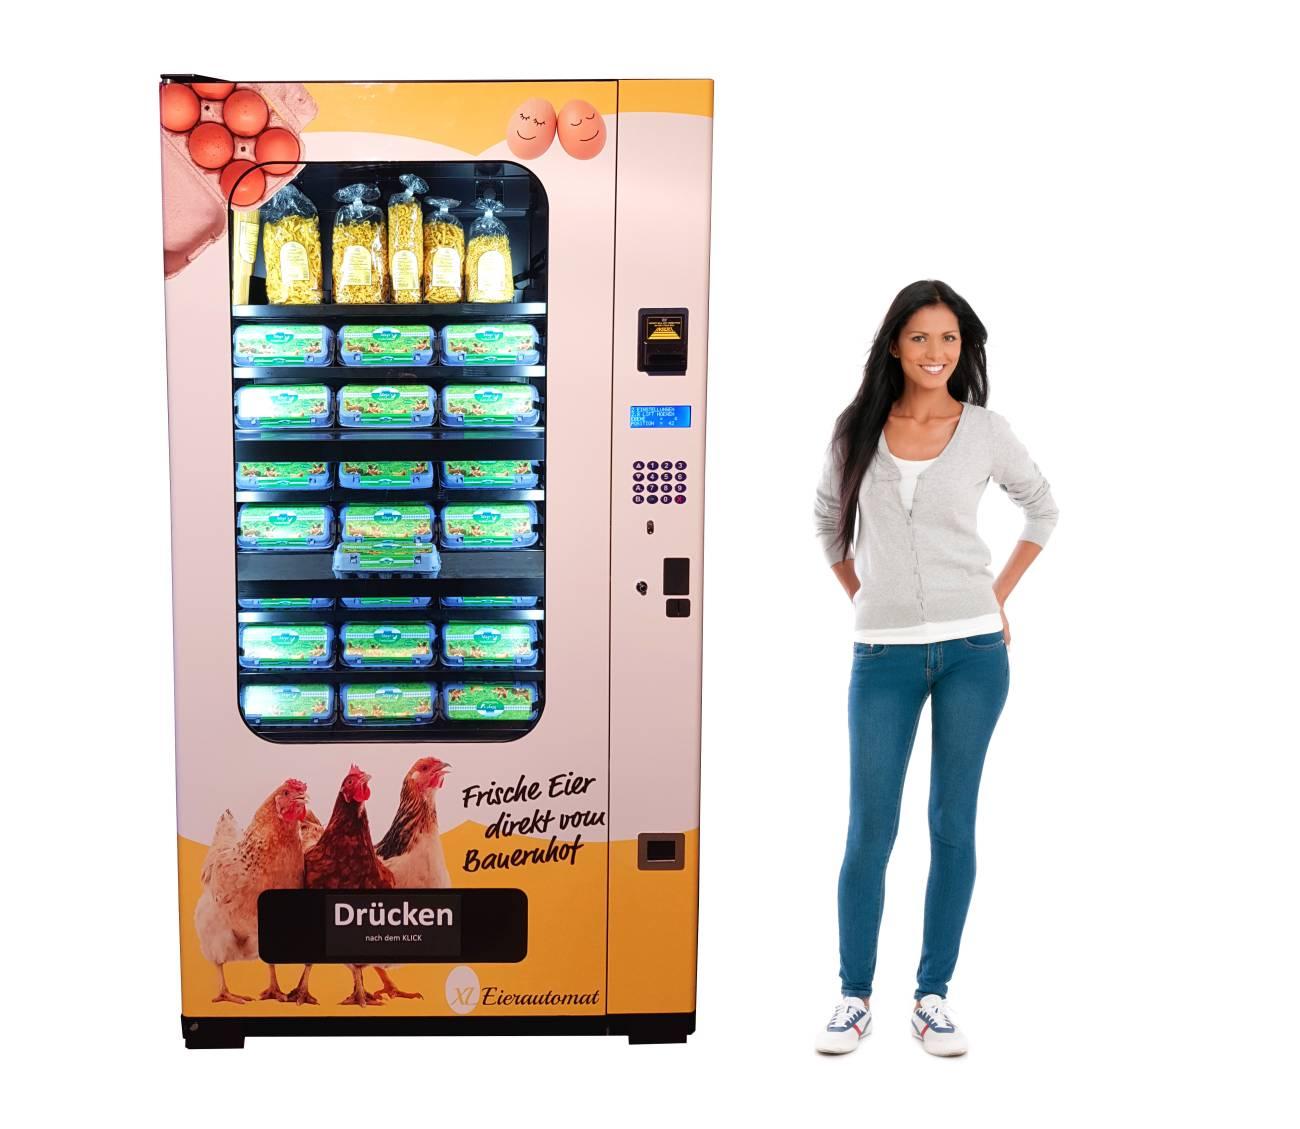 https://xl-automaten.de/wp-content/uploads/2019/01/XL-Eierautomat-Eier-Vermarktung.jpg